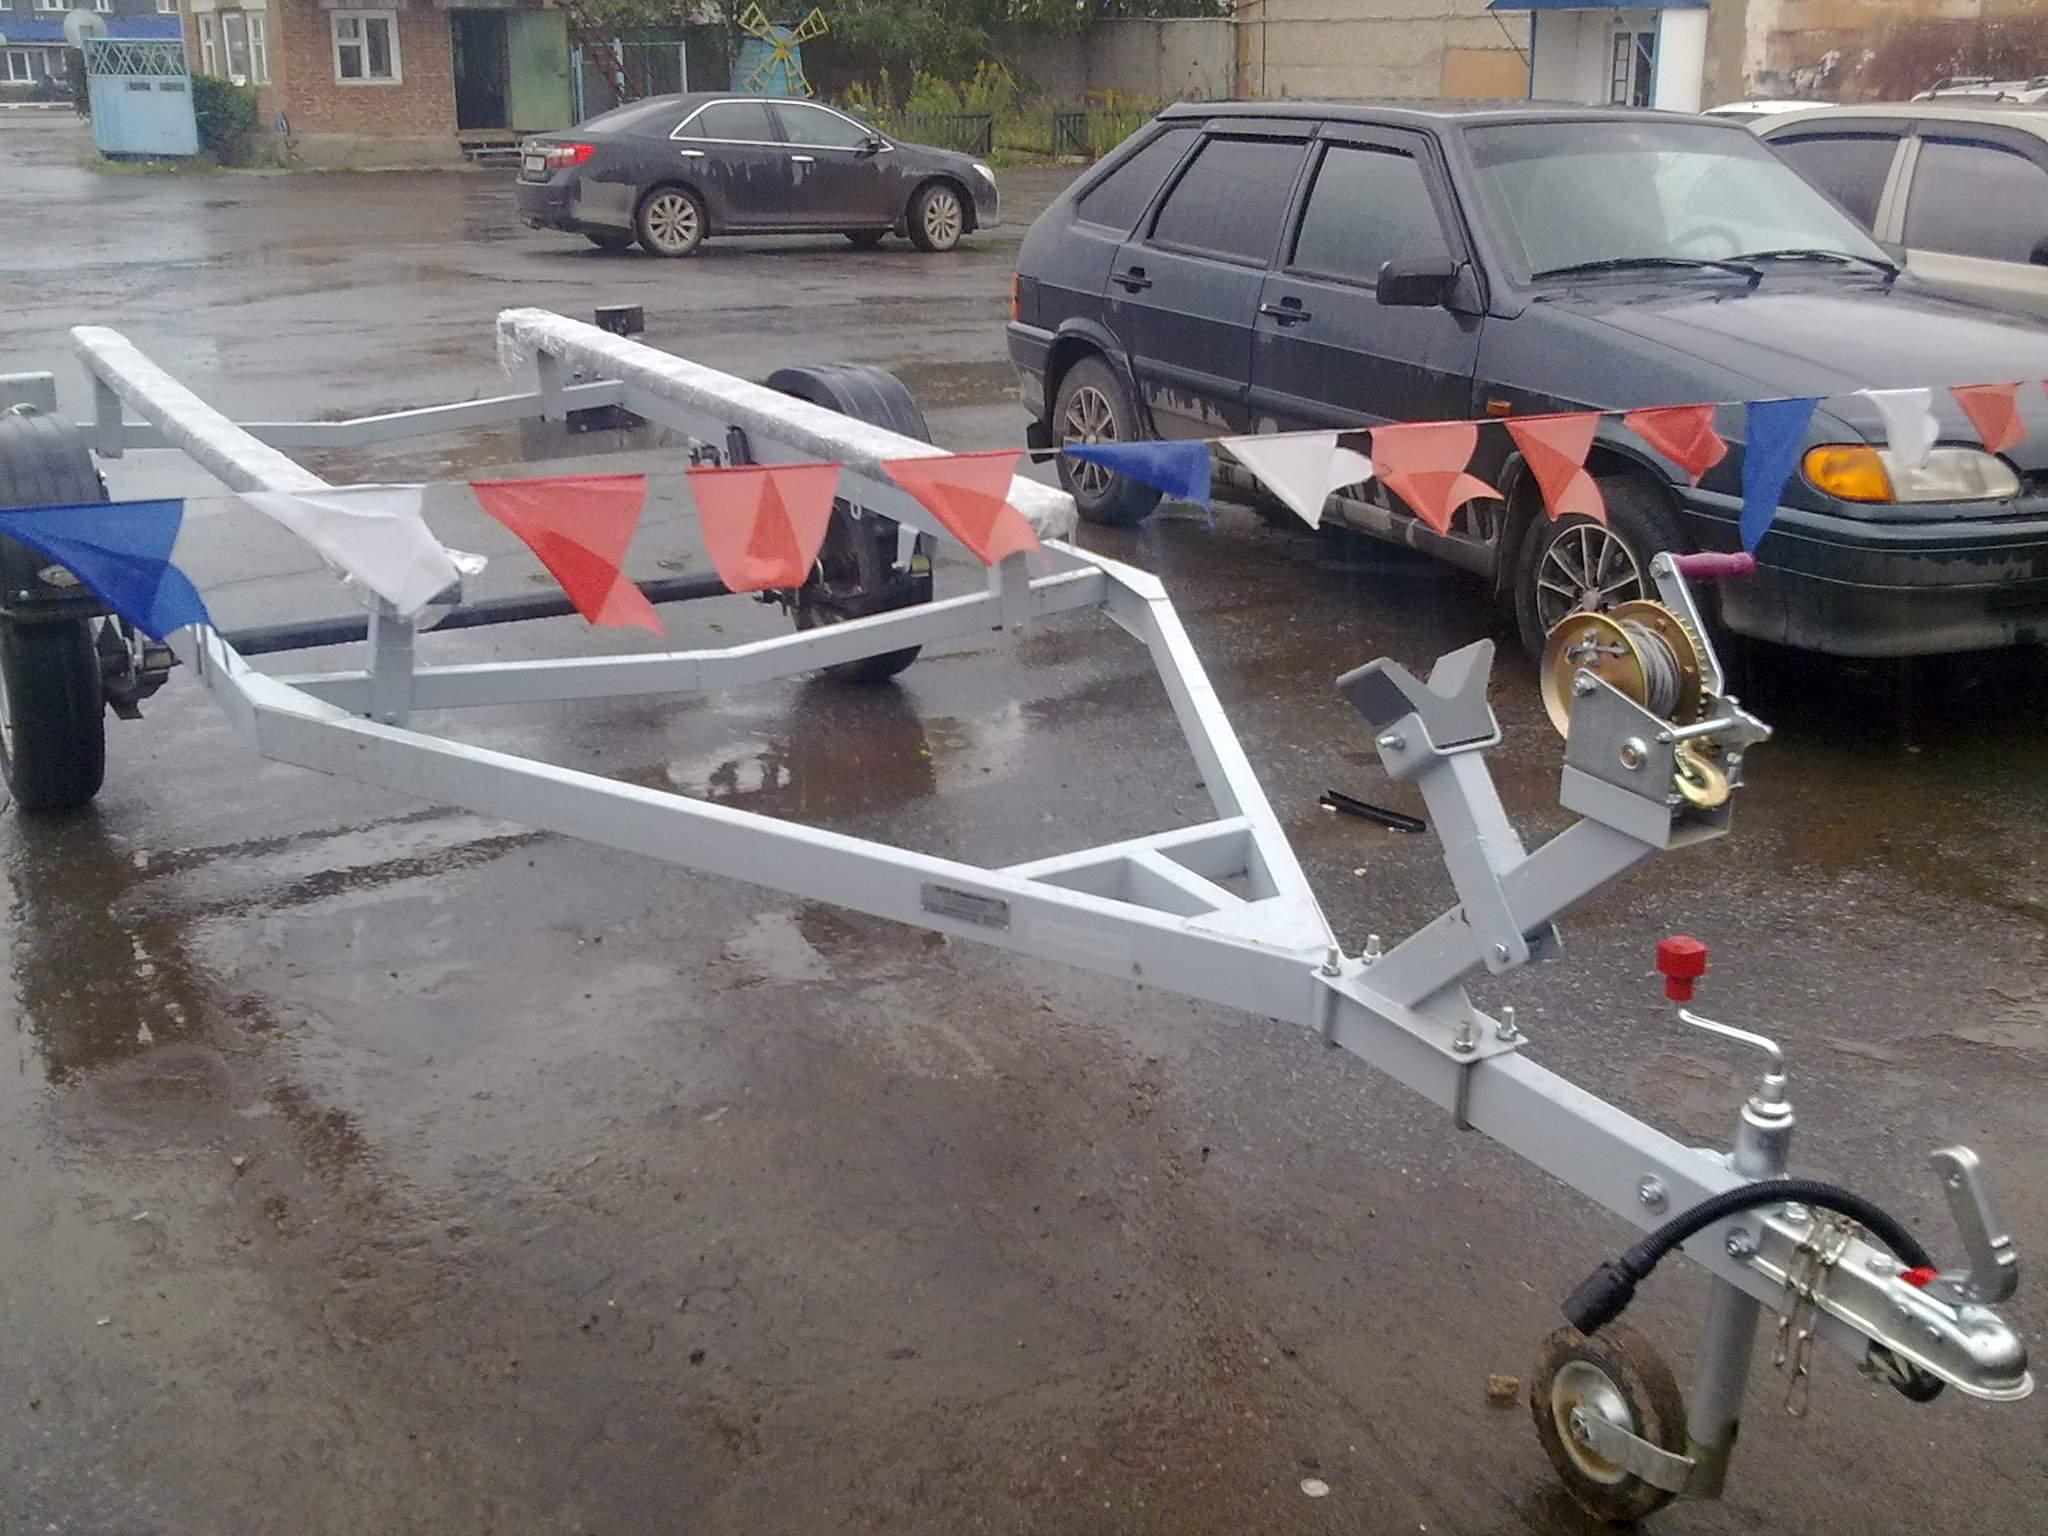 Прицеп для лодки своими руками - инструкция по изготовлению 52